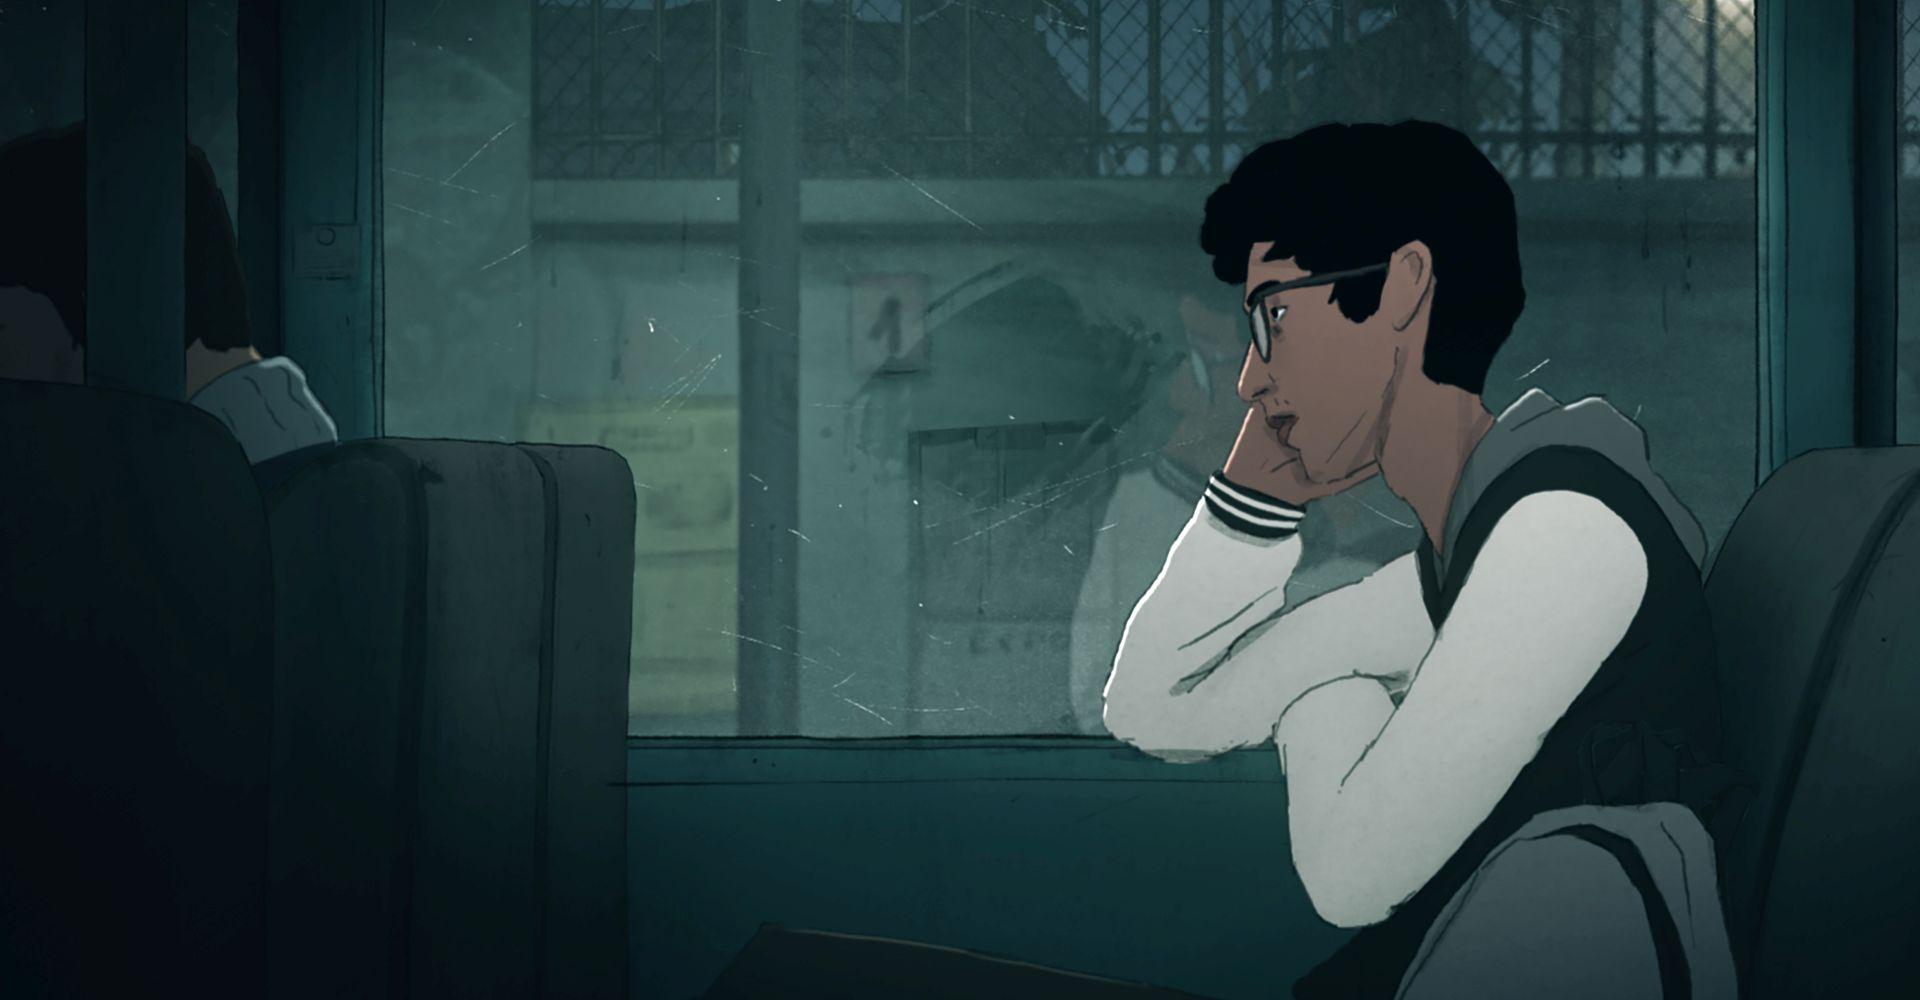 """Szene aus dem Netflix-Animationsfilm """"Ich habe meinen Körper verloren""""."""